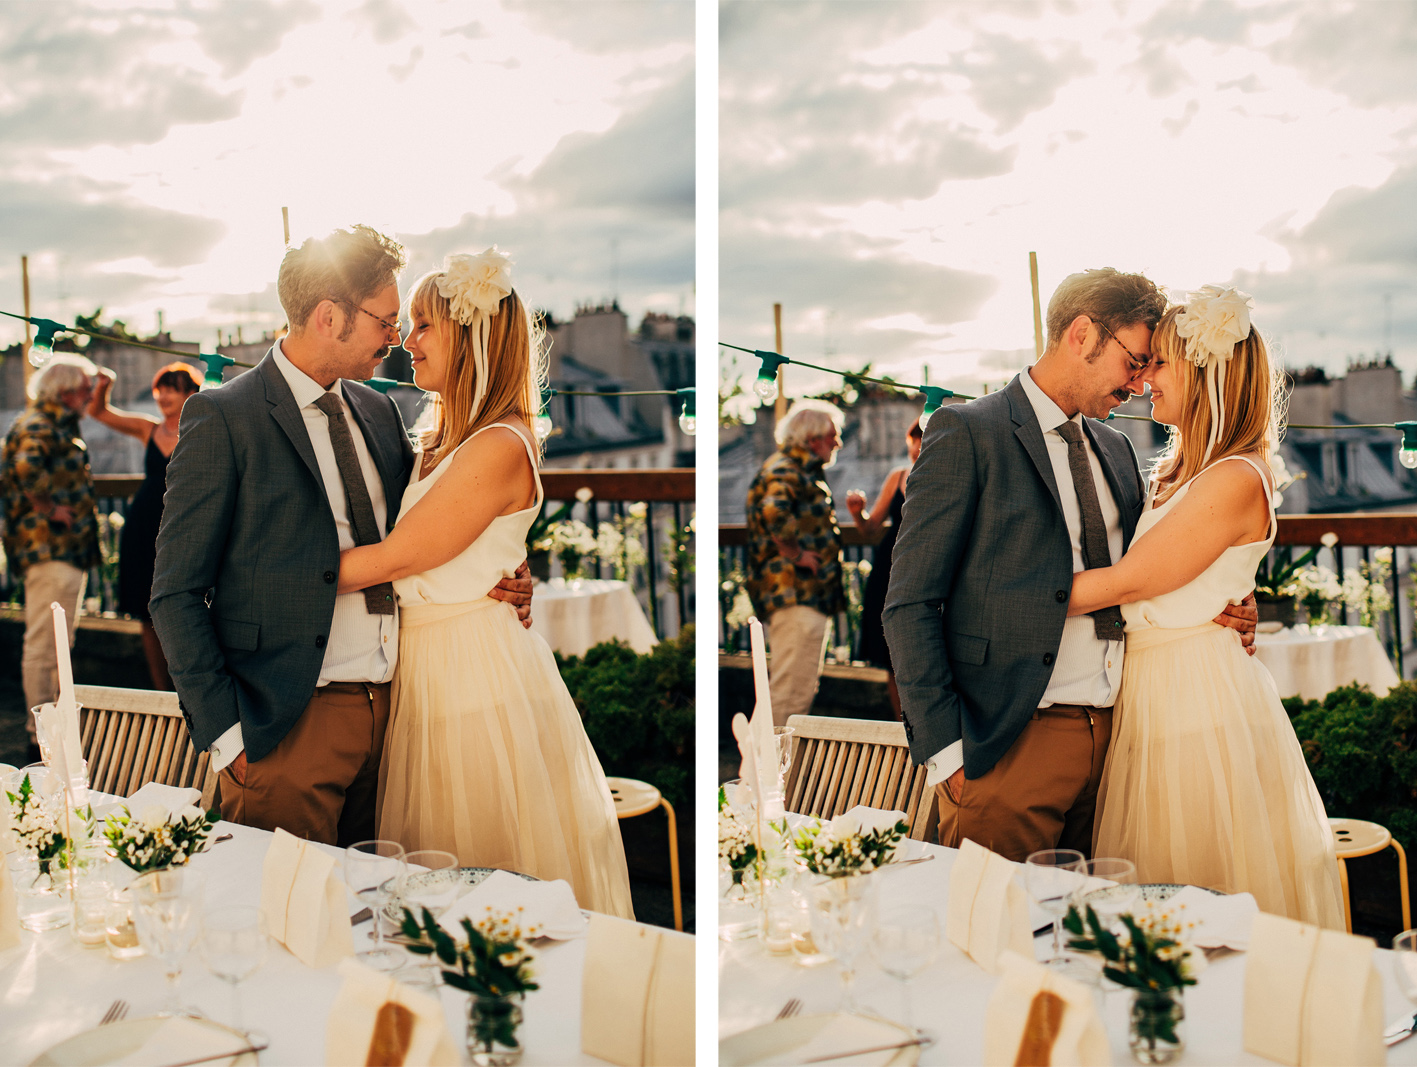 Pierre Atelier / photographe mariage / Paris / wedding planner / Paris photographer wedding